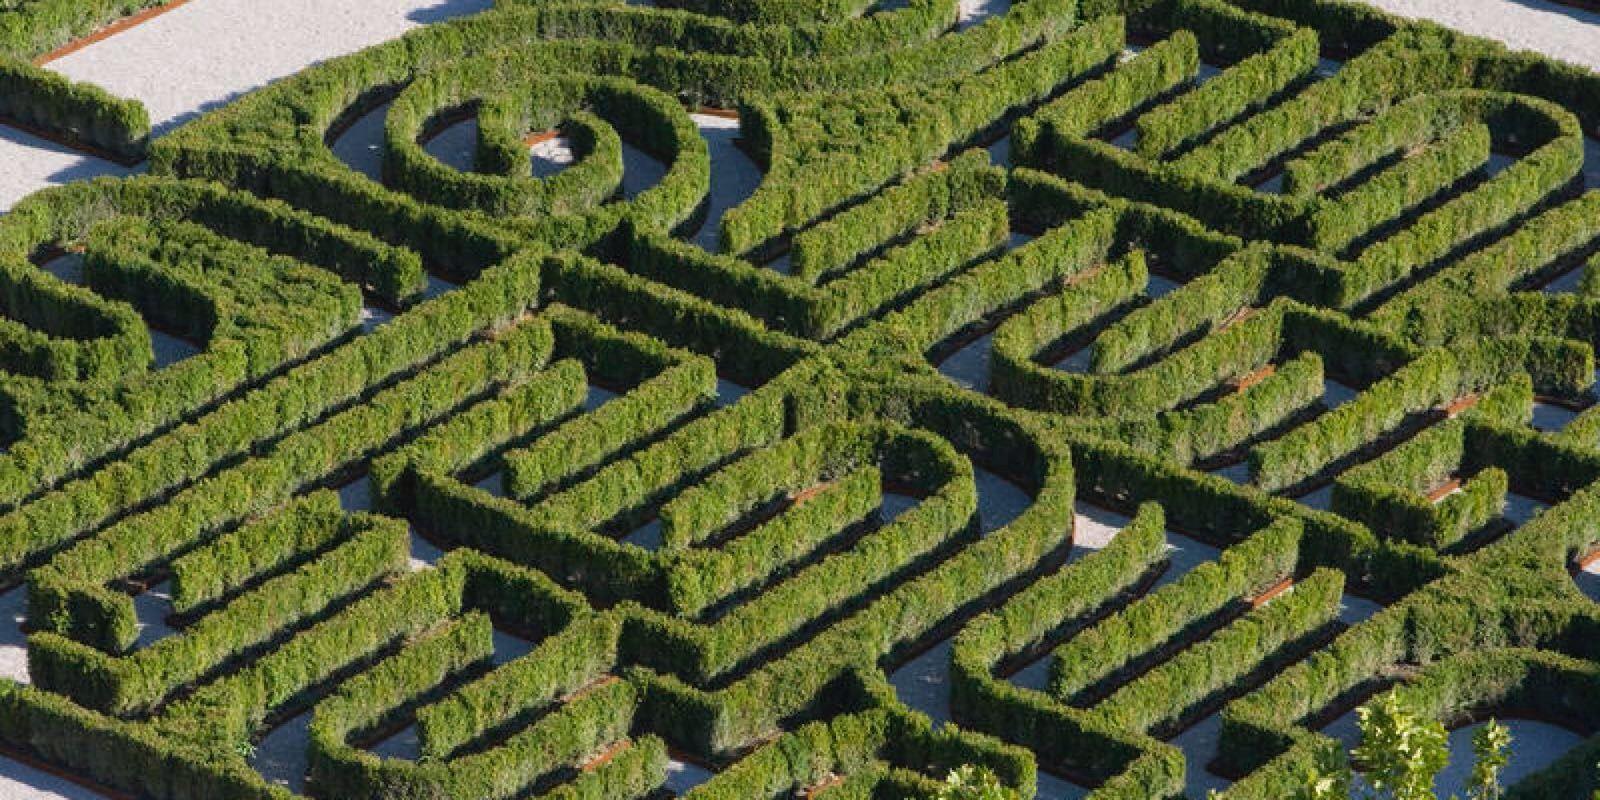 Randoll coate labirinto borges nell isola di san giorgio for Giardino labirinto